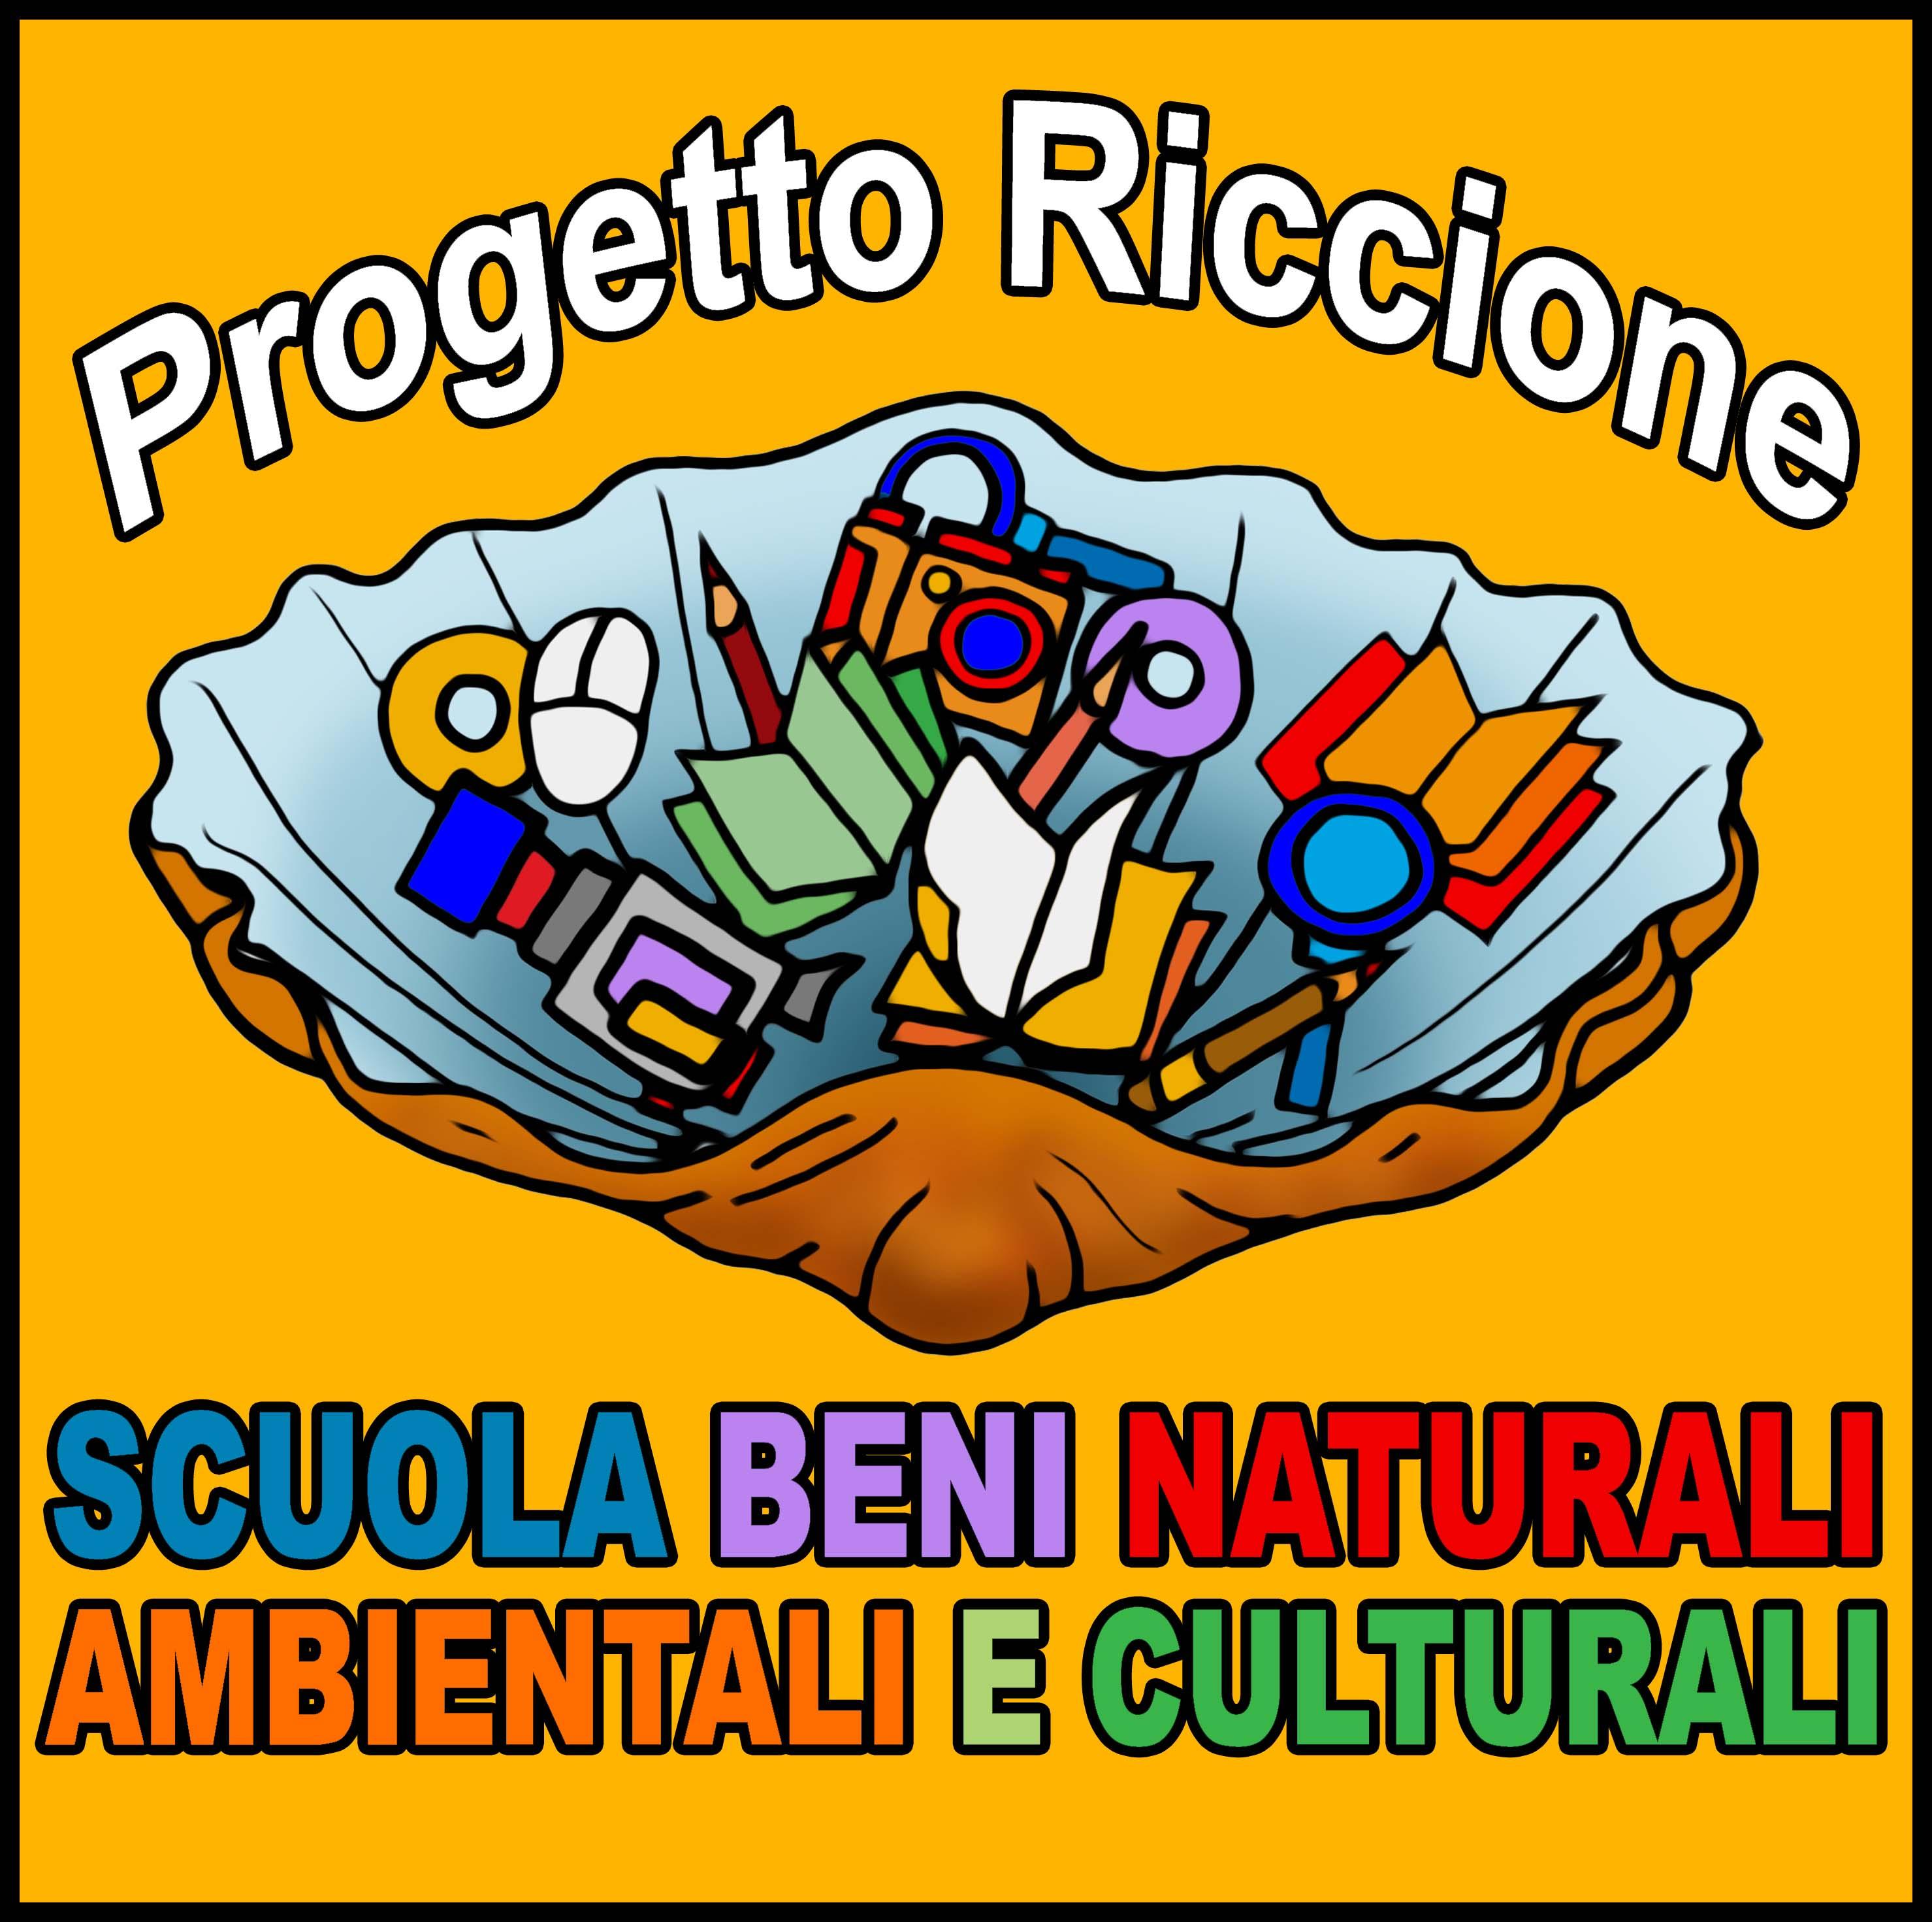 Logo Progetto Riccione Scuola Beni Naturali Ambientali e Culturali